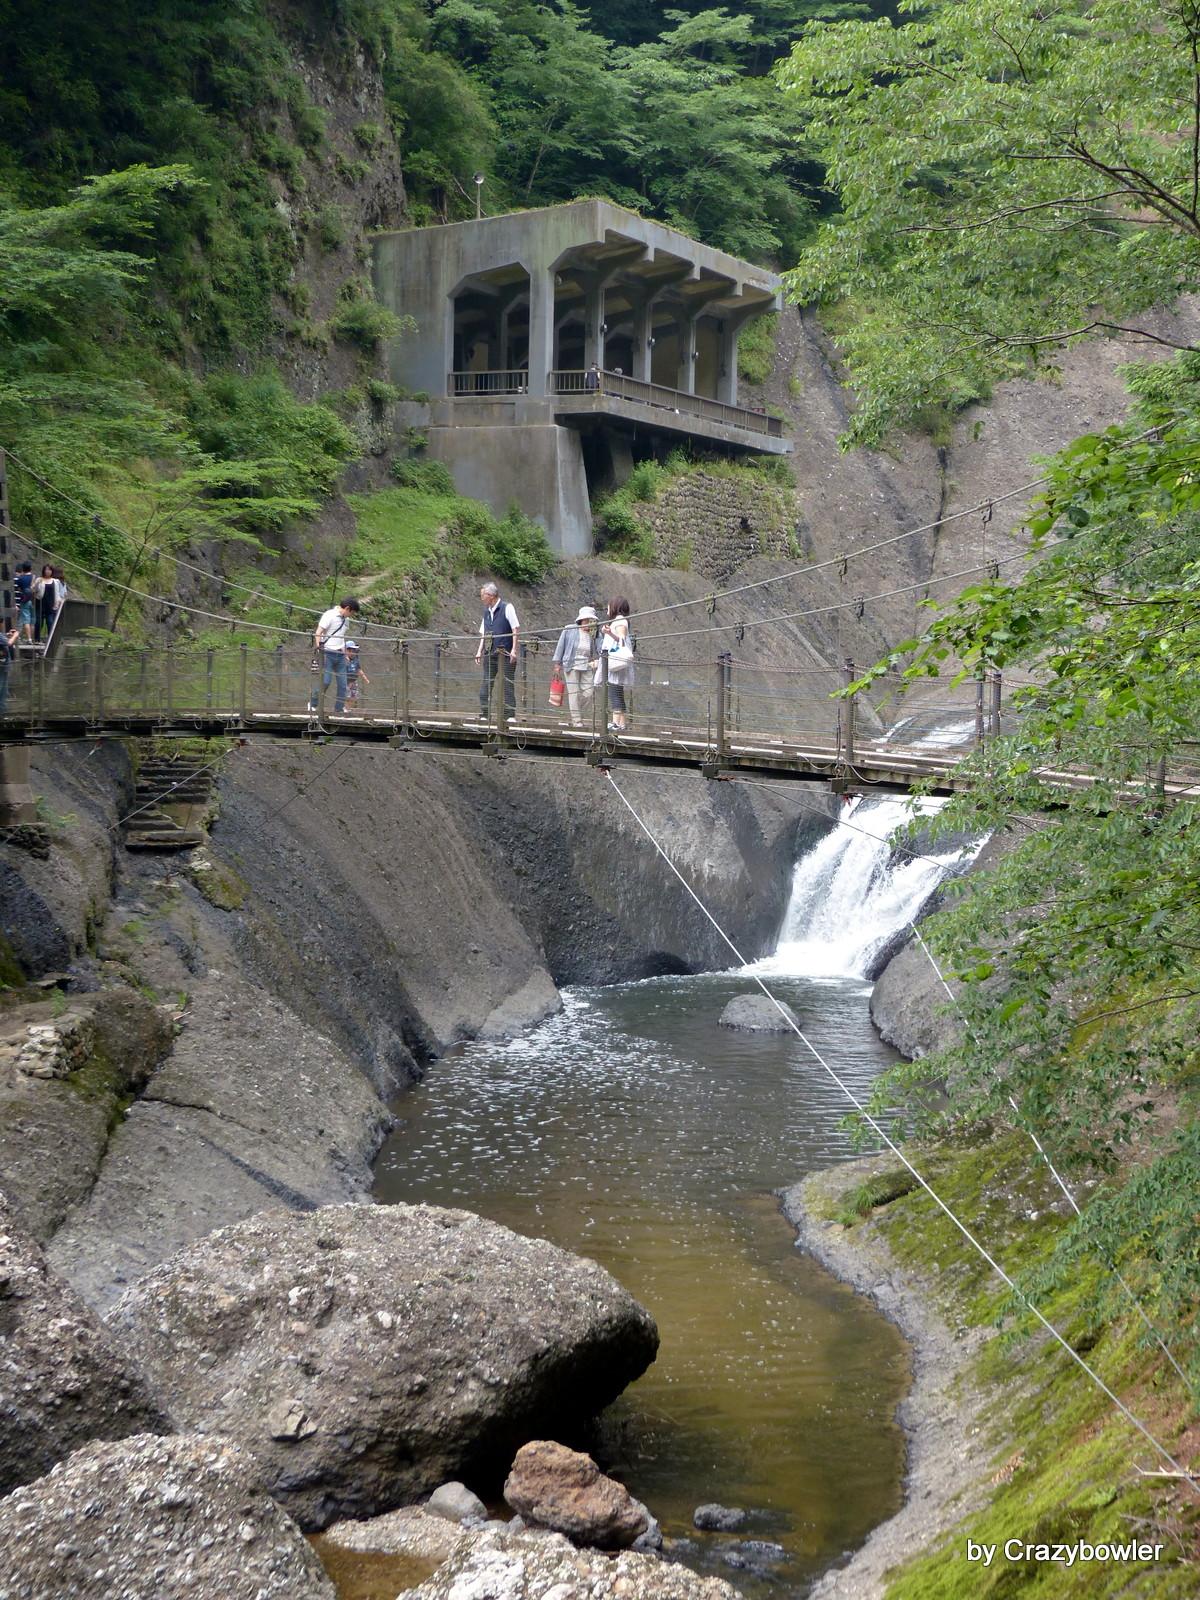 袋田の滝(吊り橋と観瀑台)